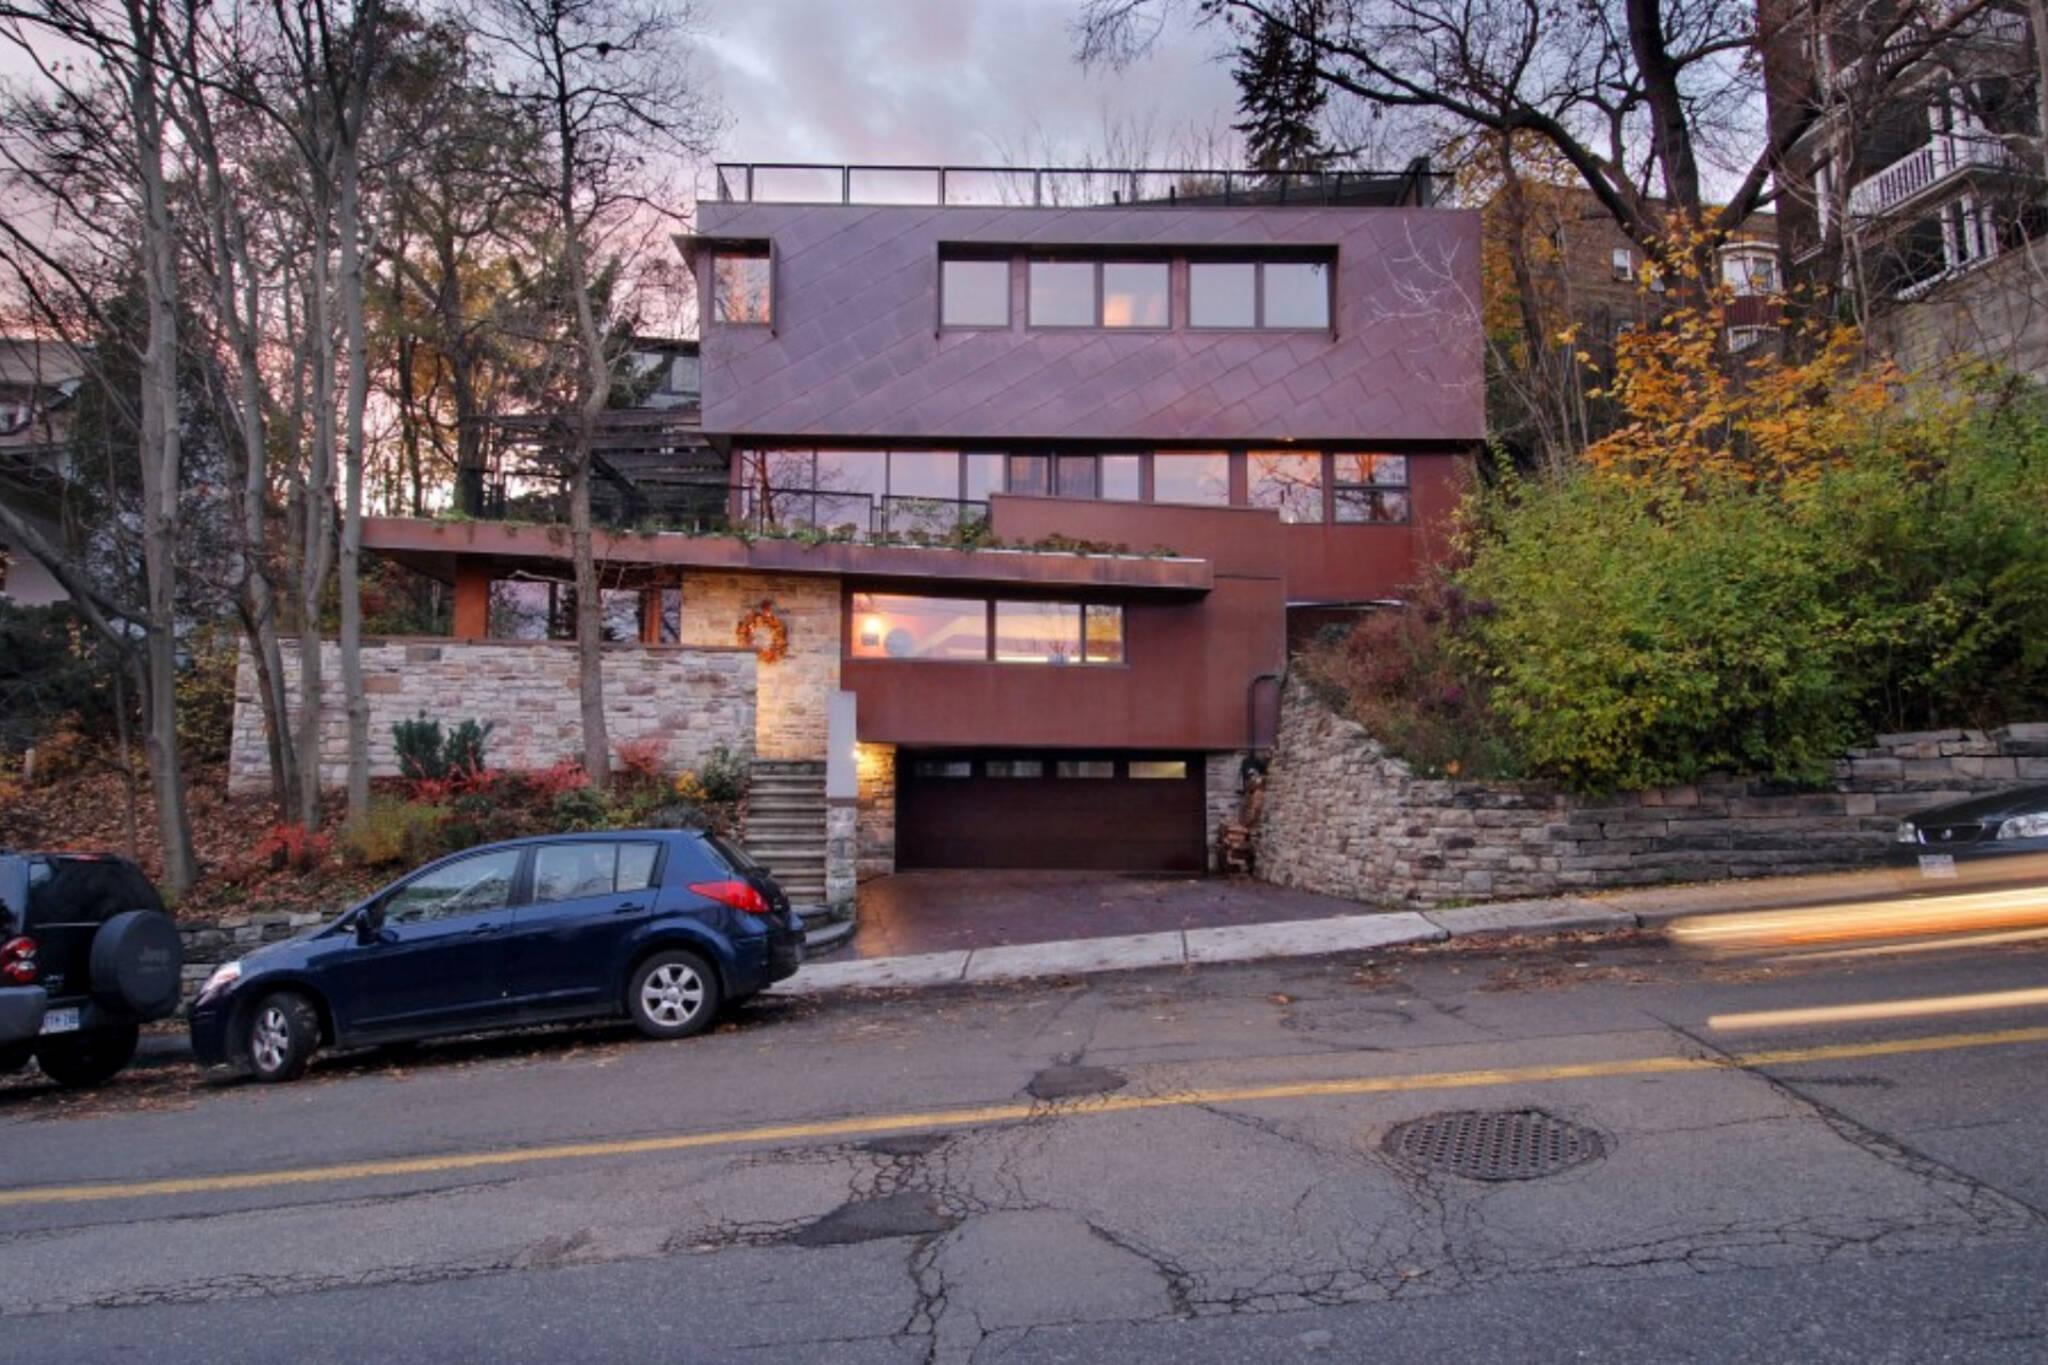 House of the week: 168 Ellis Park Road